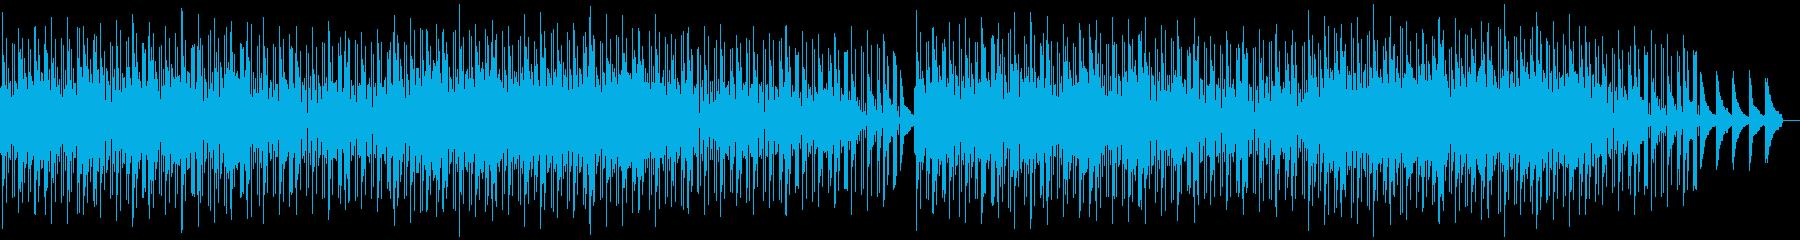 爽やかでちょっとかわいい曲の再生済みの波形